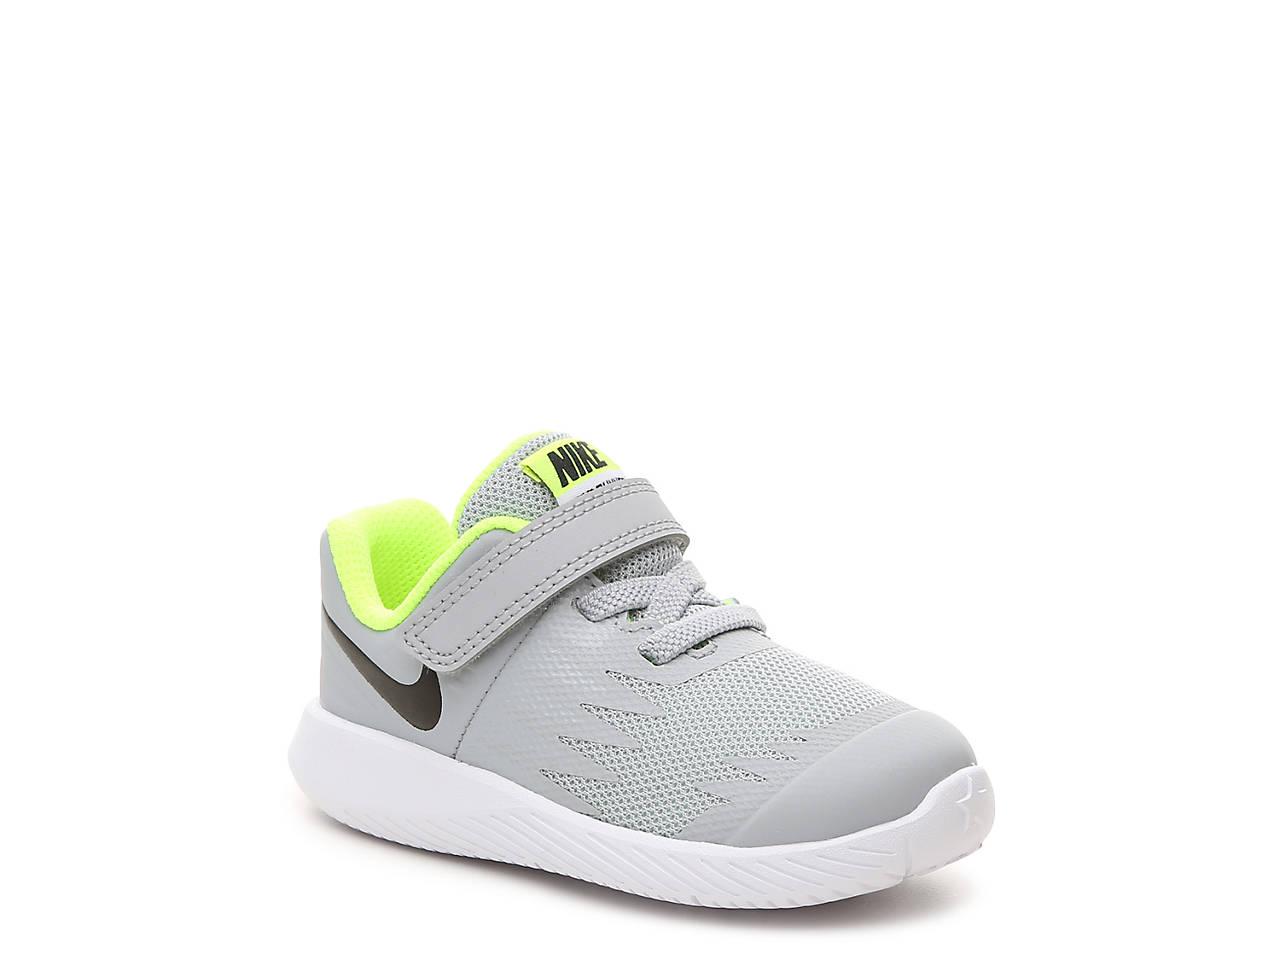 0b129abc282d Nike Star Runner Infant   Toddler Sneaker Kids Shoes